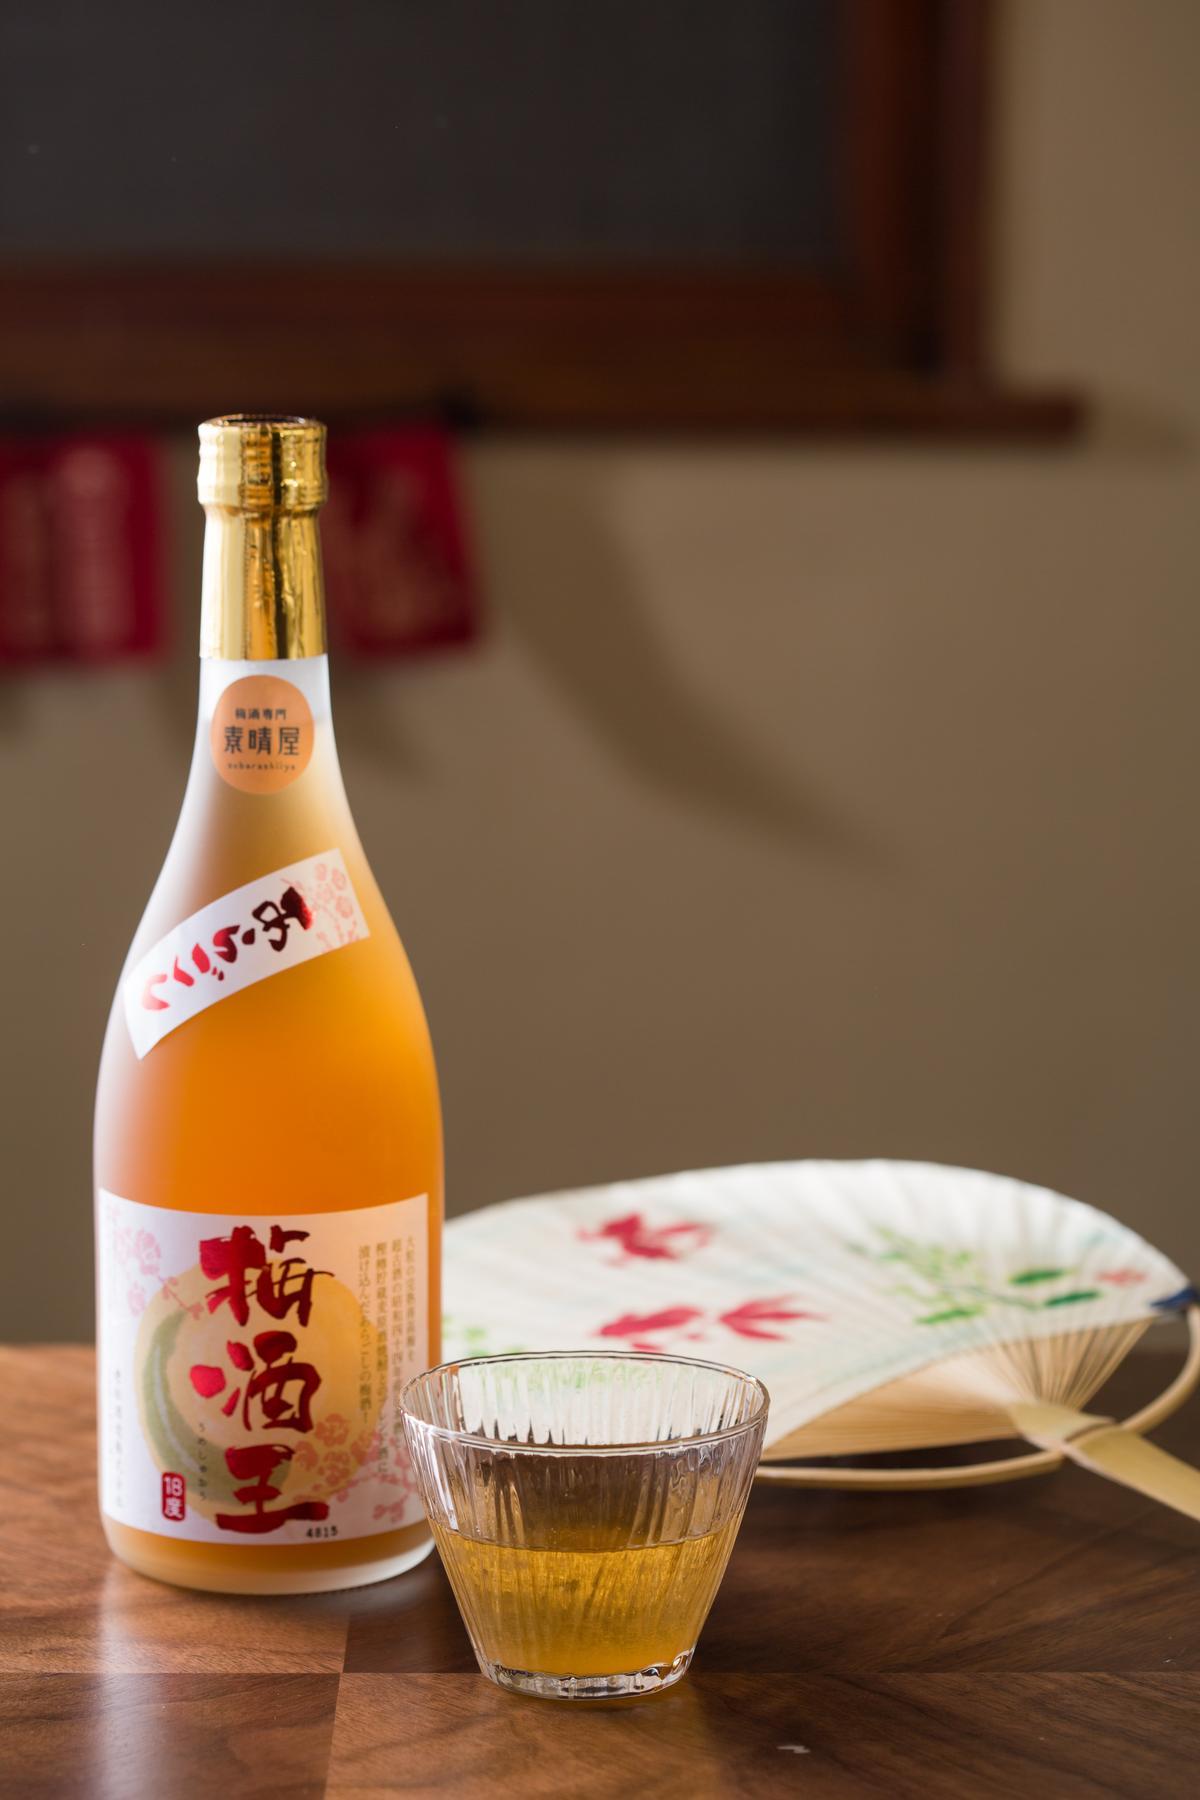 「梅酒王」的酒精度高達18%,濃烈但有層次。(1,350元╱支、220元╱杯)